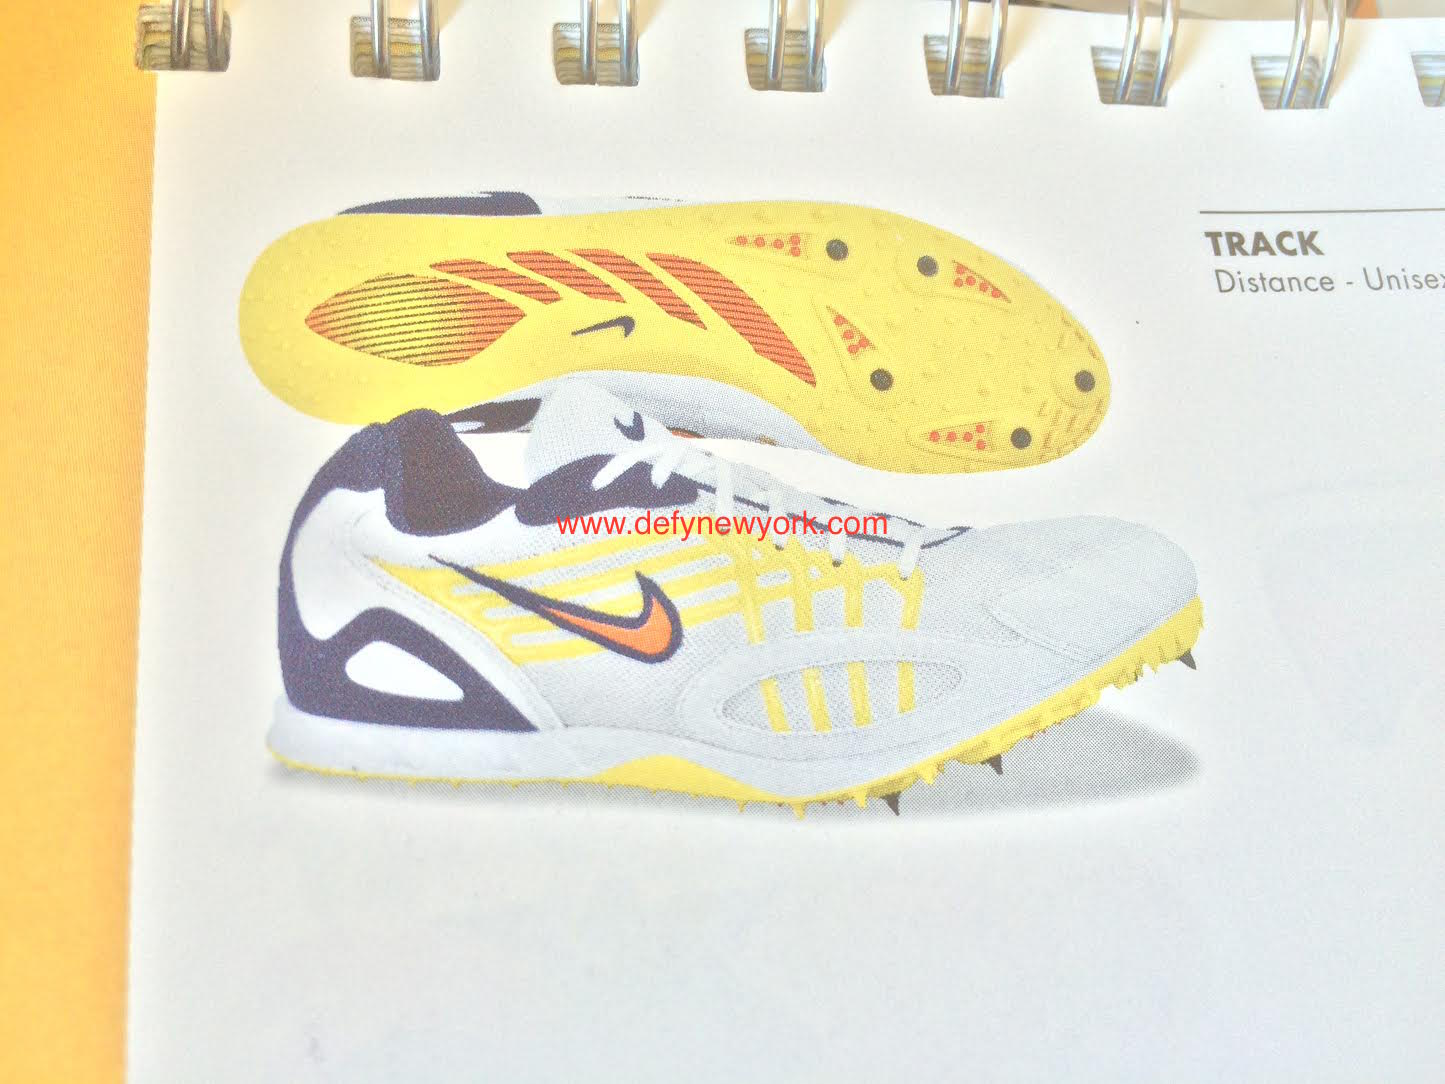 Nike Zoom Distance Track Spike 2000